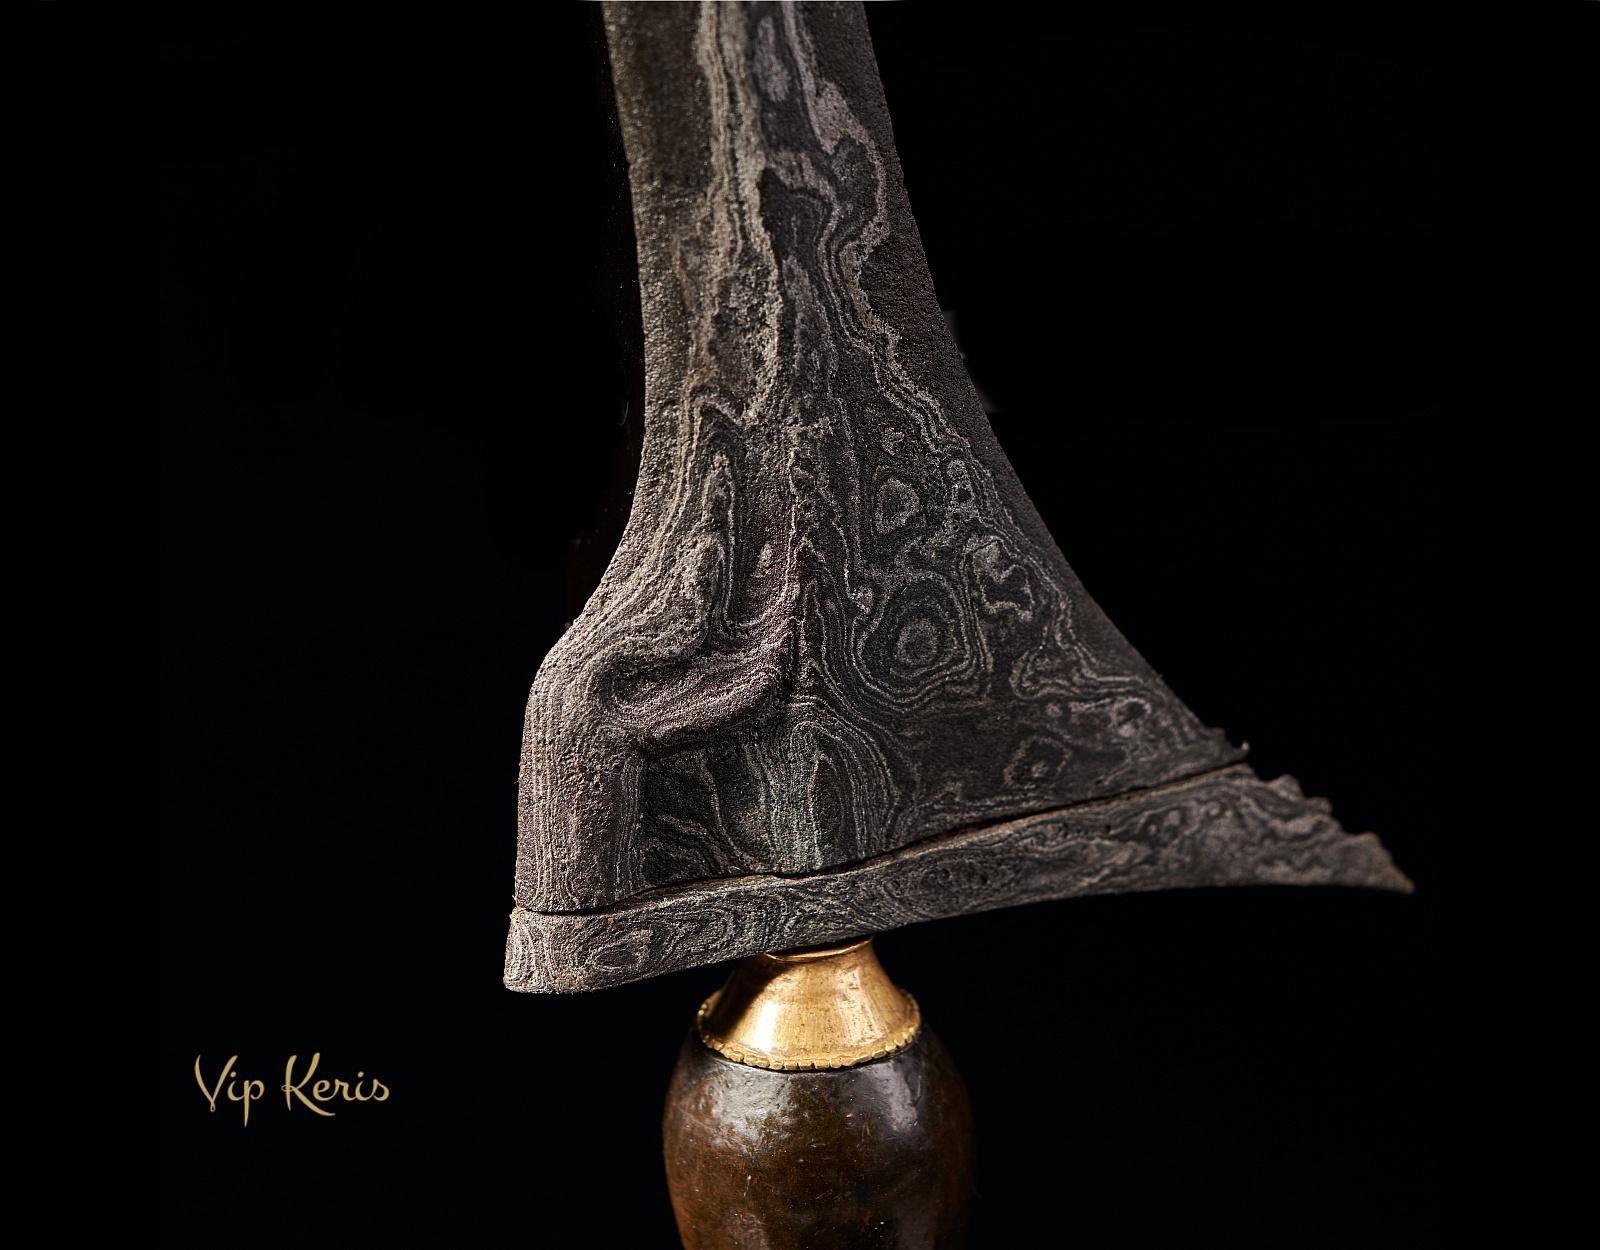 Прямой кинжал Крис Jalak Ngore, Волшебник фото VipKeris